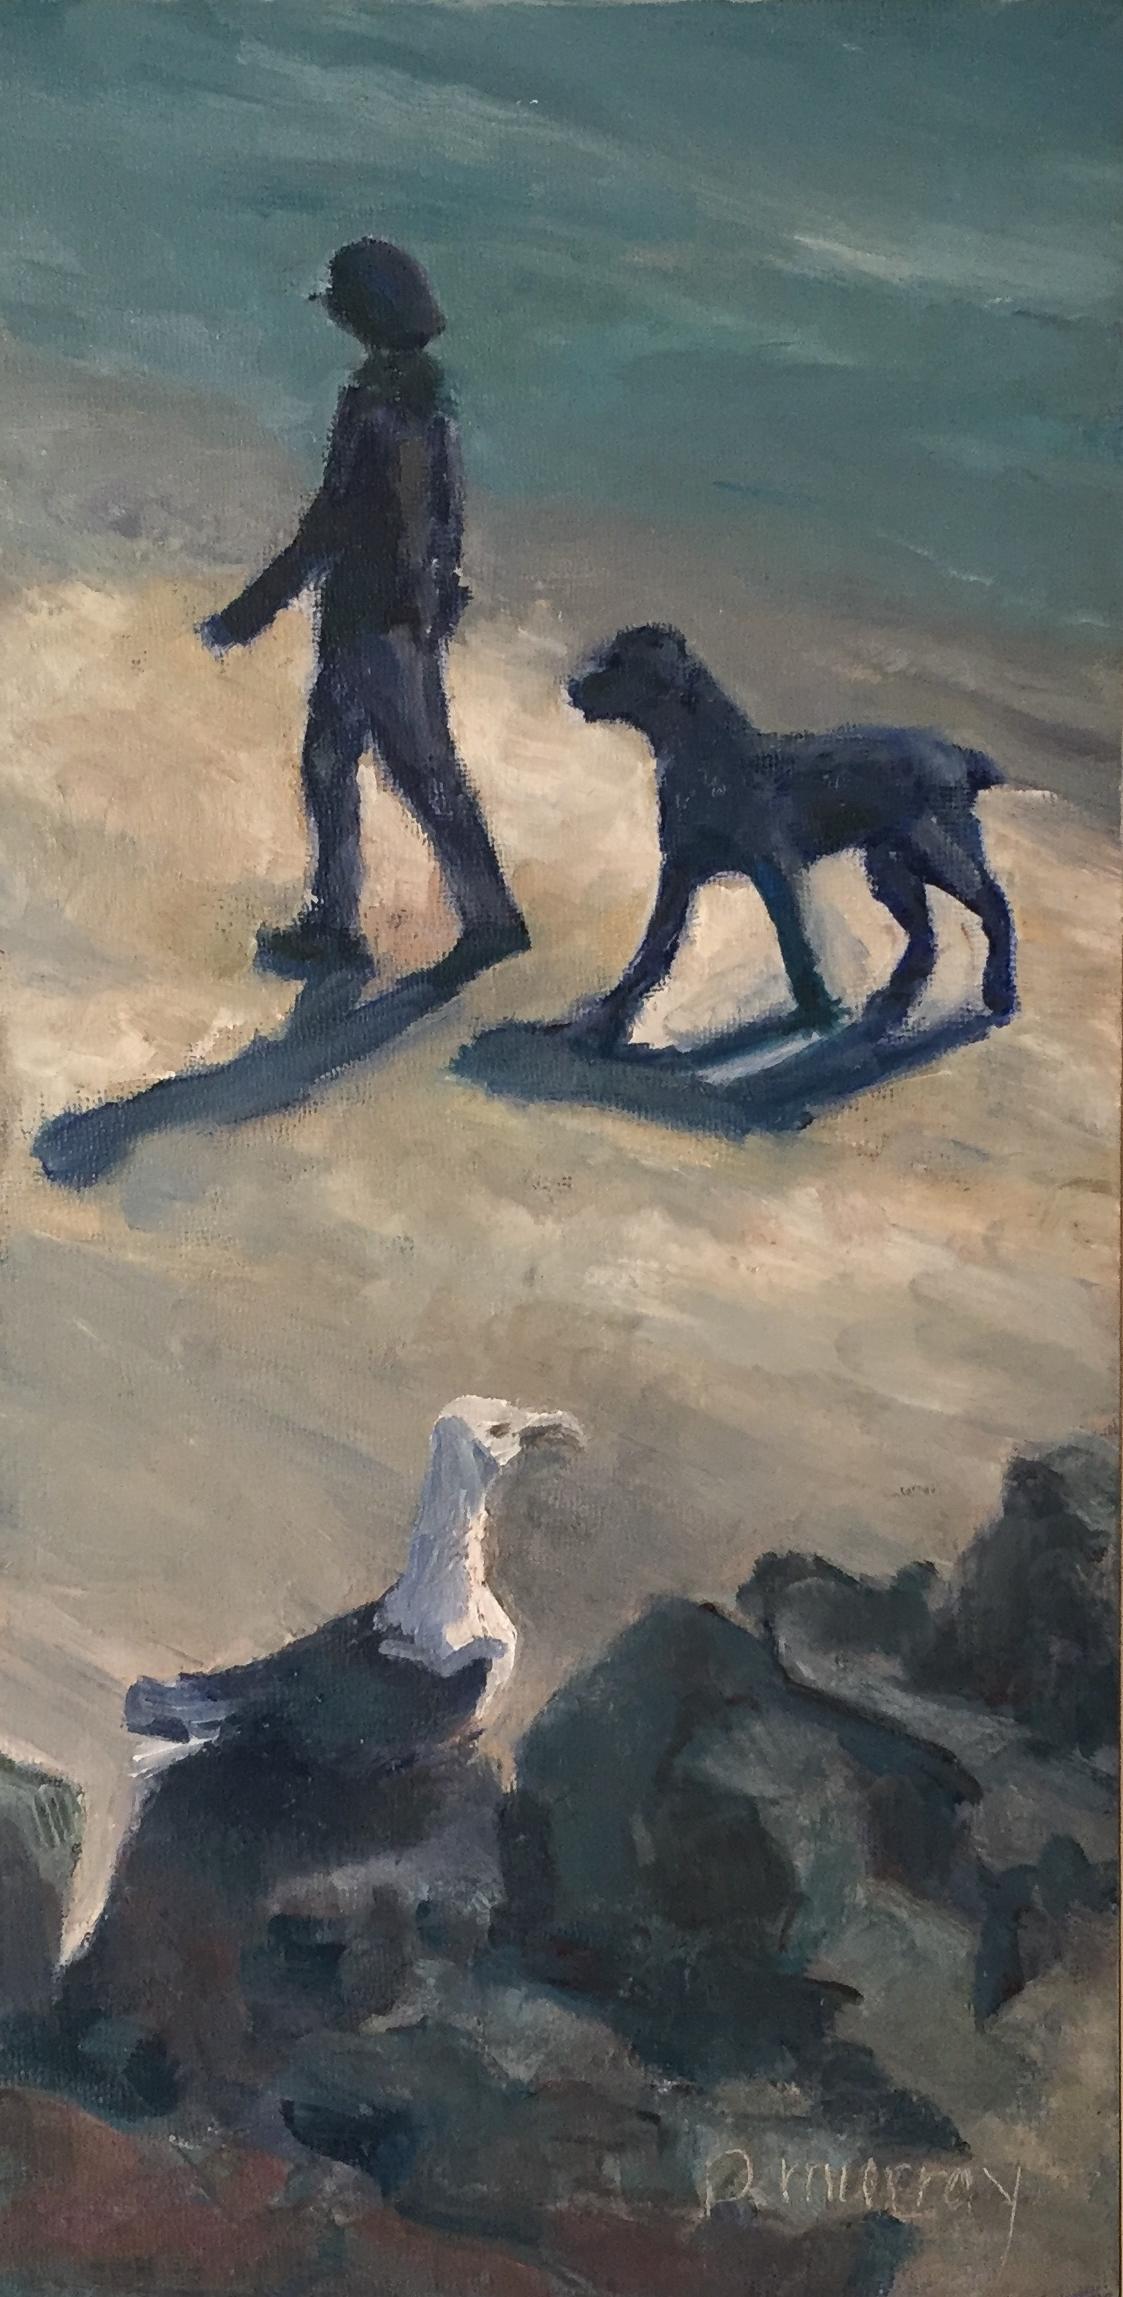 Beach Stroll with Onlooker